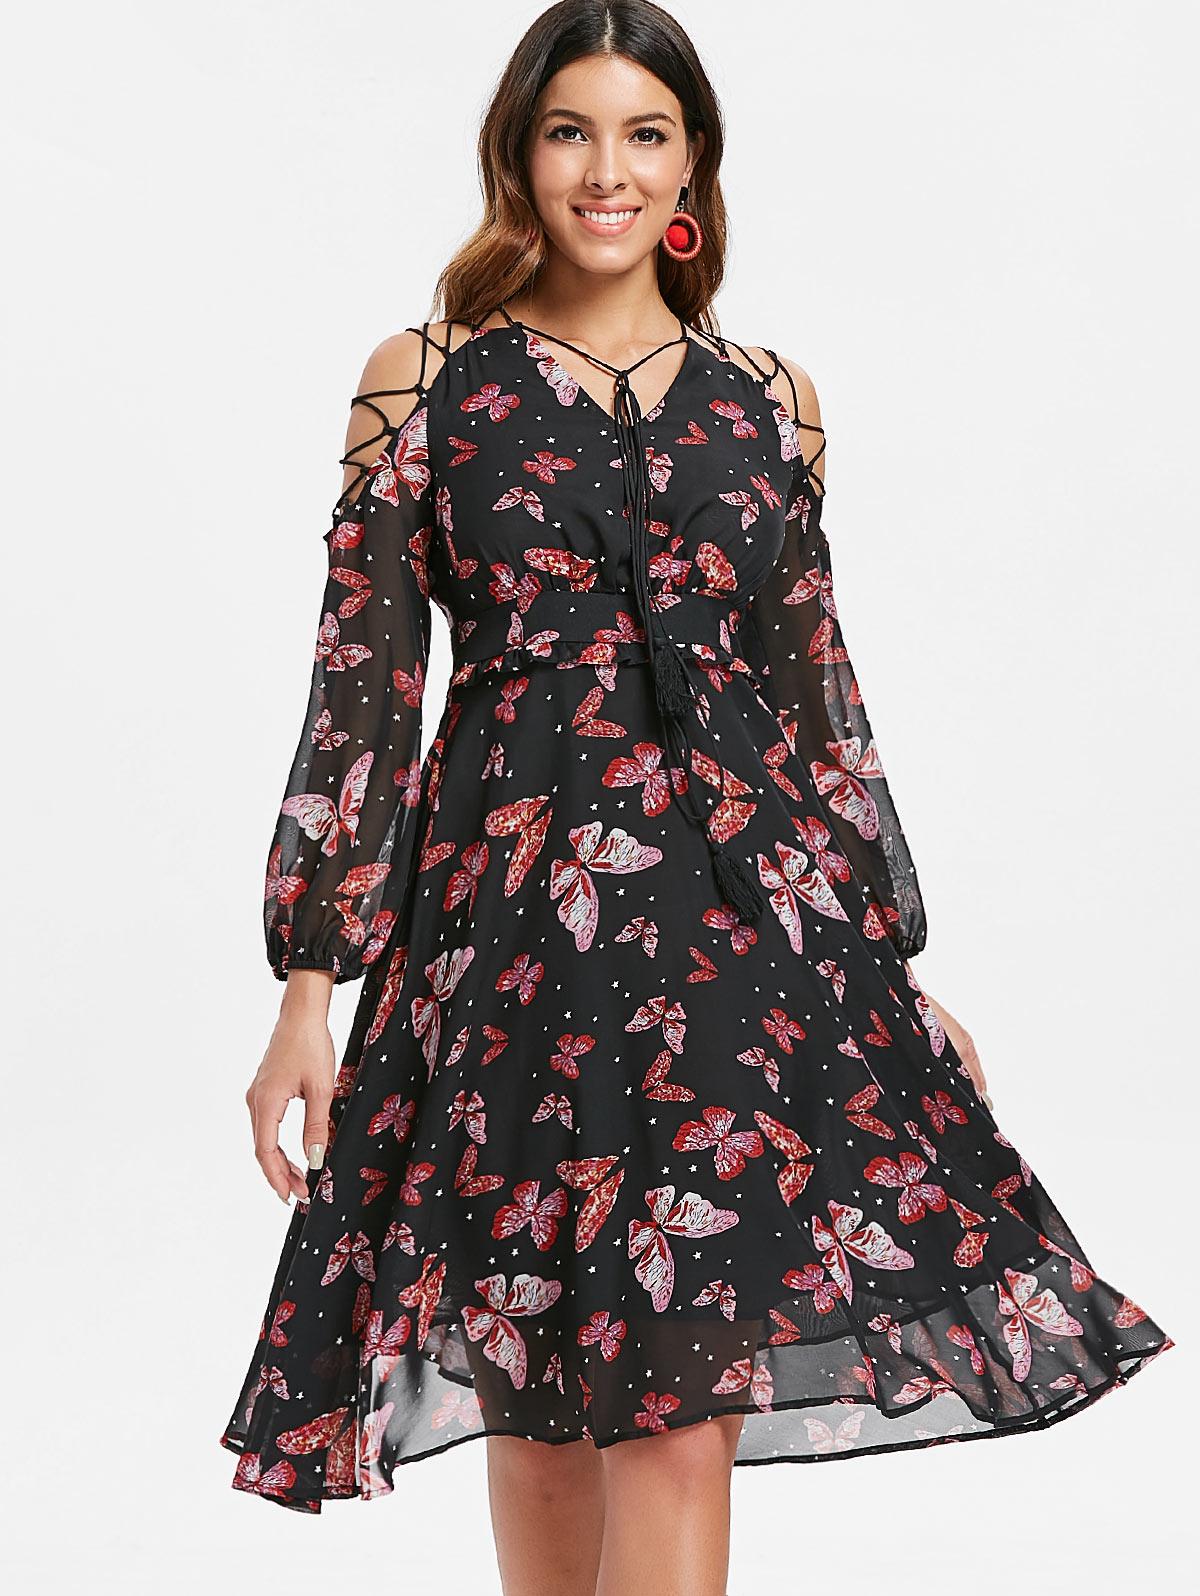 Joineles Lace Up Women Dress Butterfly Print Tie Sleeve